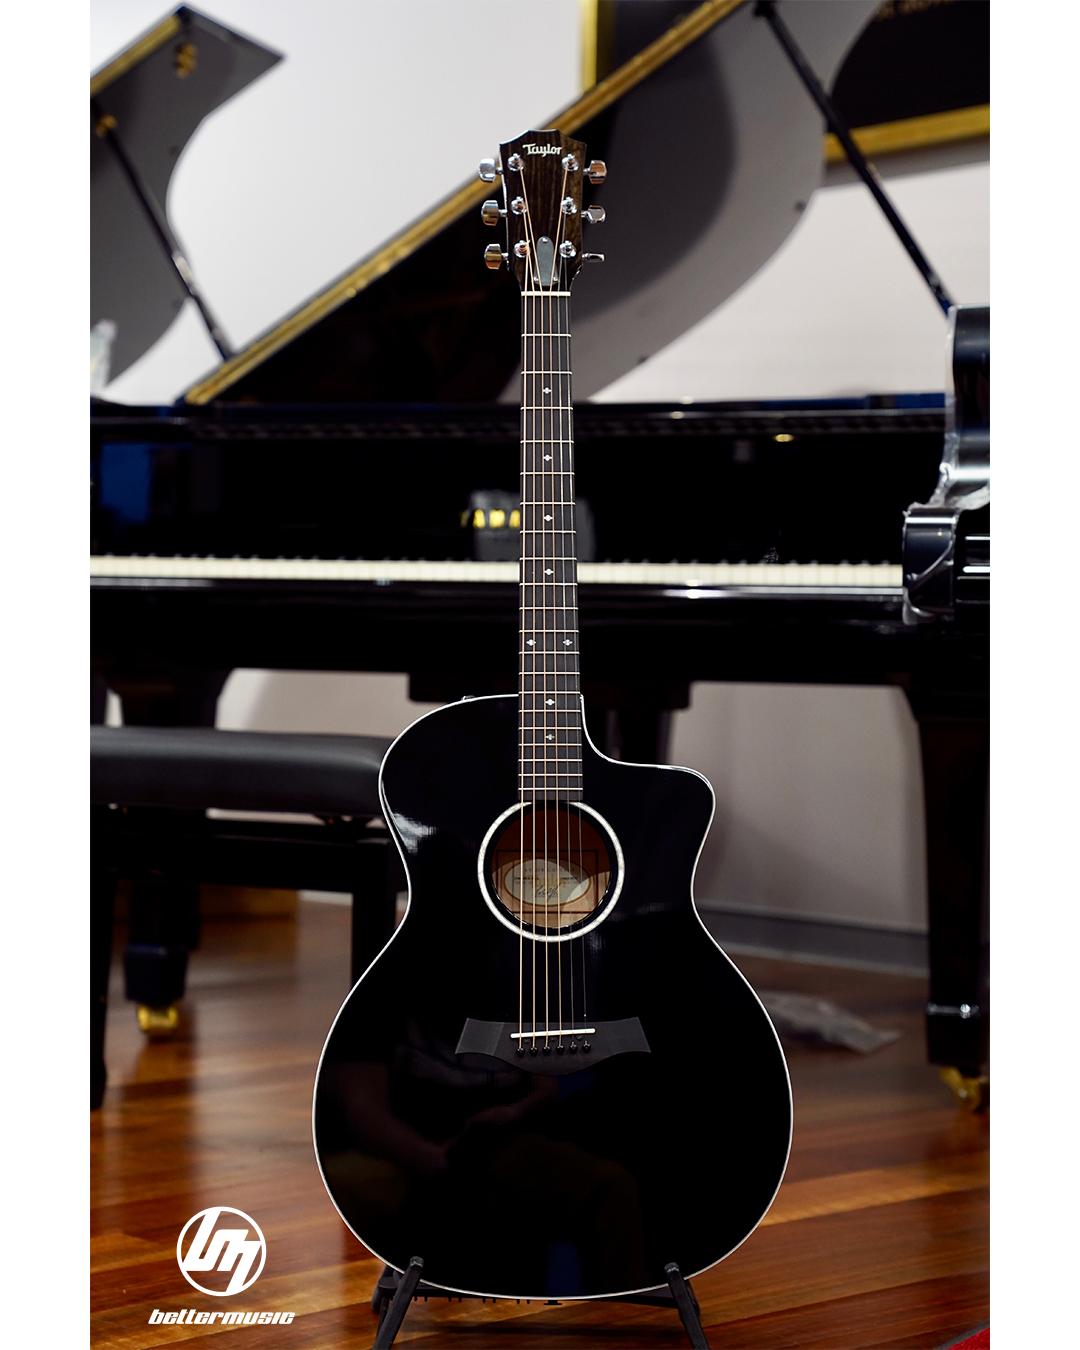 Taylor 214ce Blk Dlx Acoustic Electric Guitar W Case Black 6string Taylorguitars Acousticguitars Guita Acoustic Electric Guitar Guitar Acoustic Electric